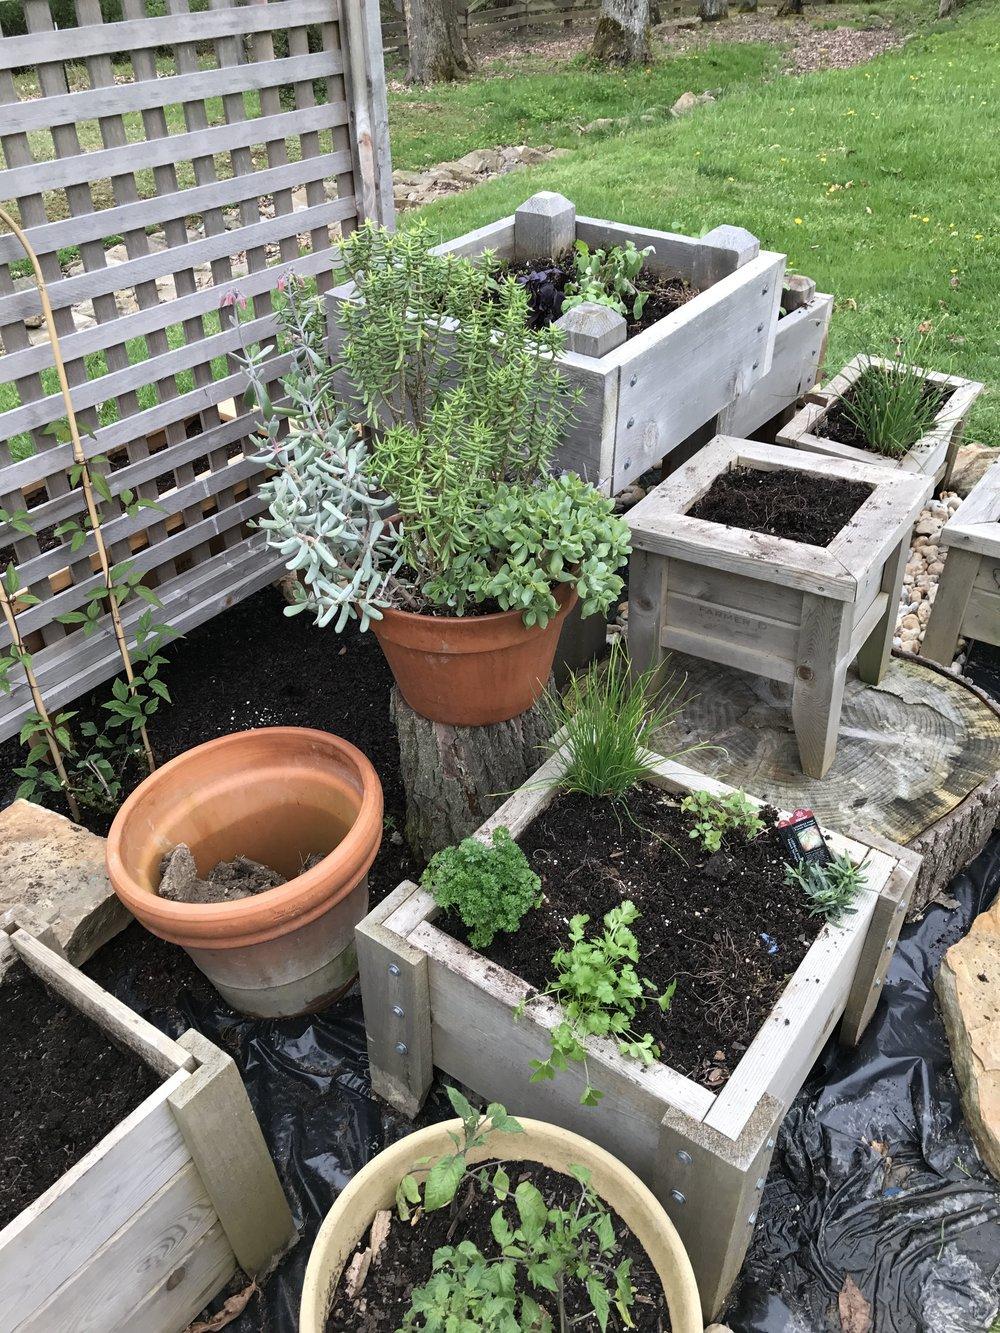 Lovely garden herbs!